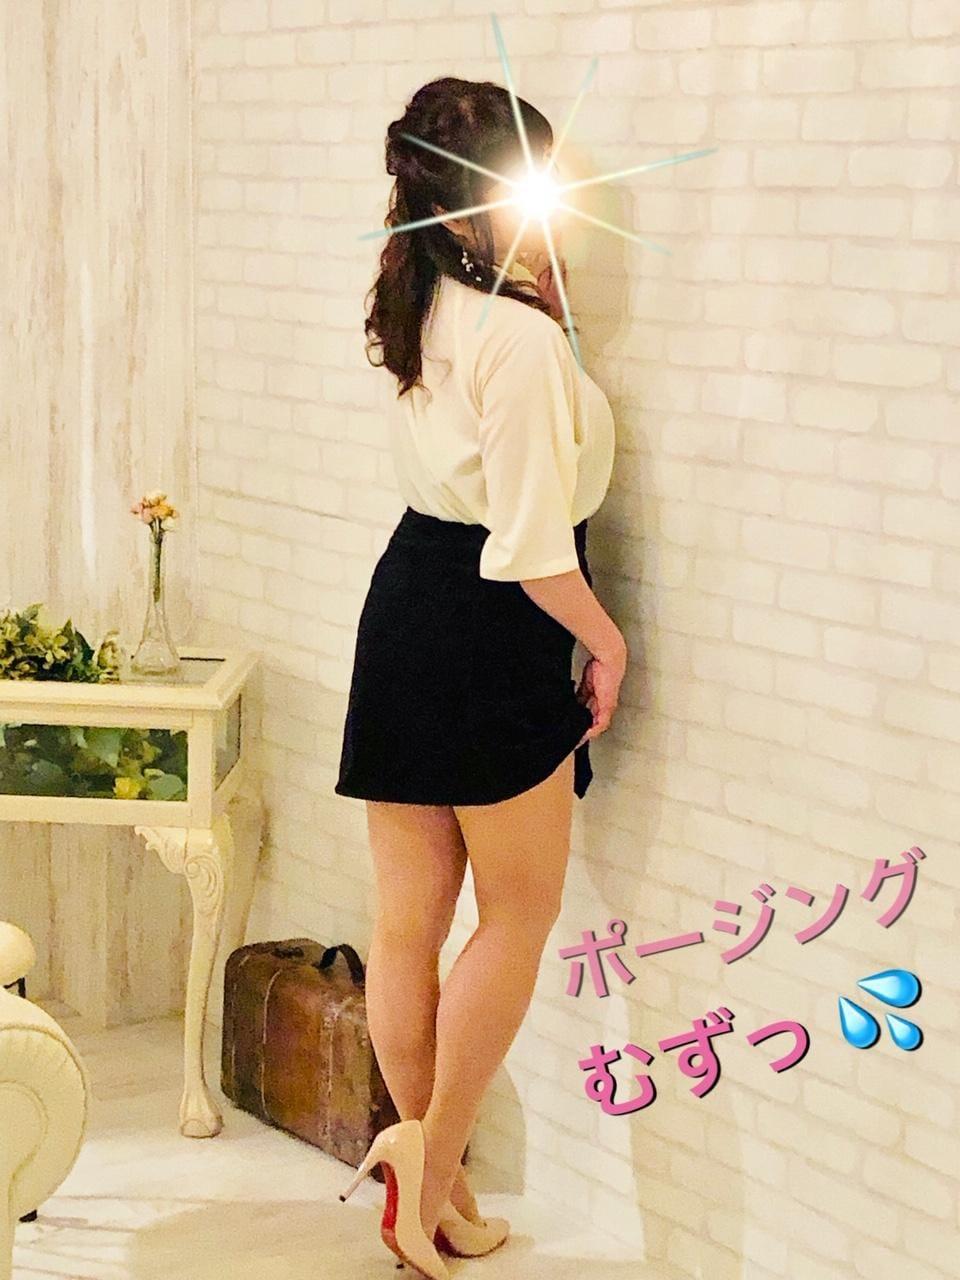 「つ…つりそぉぉ」04/25(木) 09:28 | めぐみの写メ・風俗動画